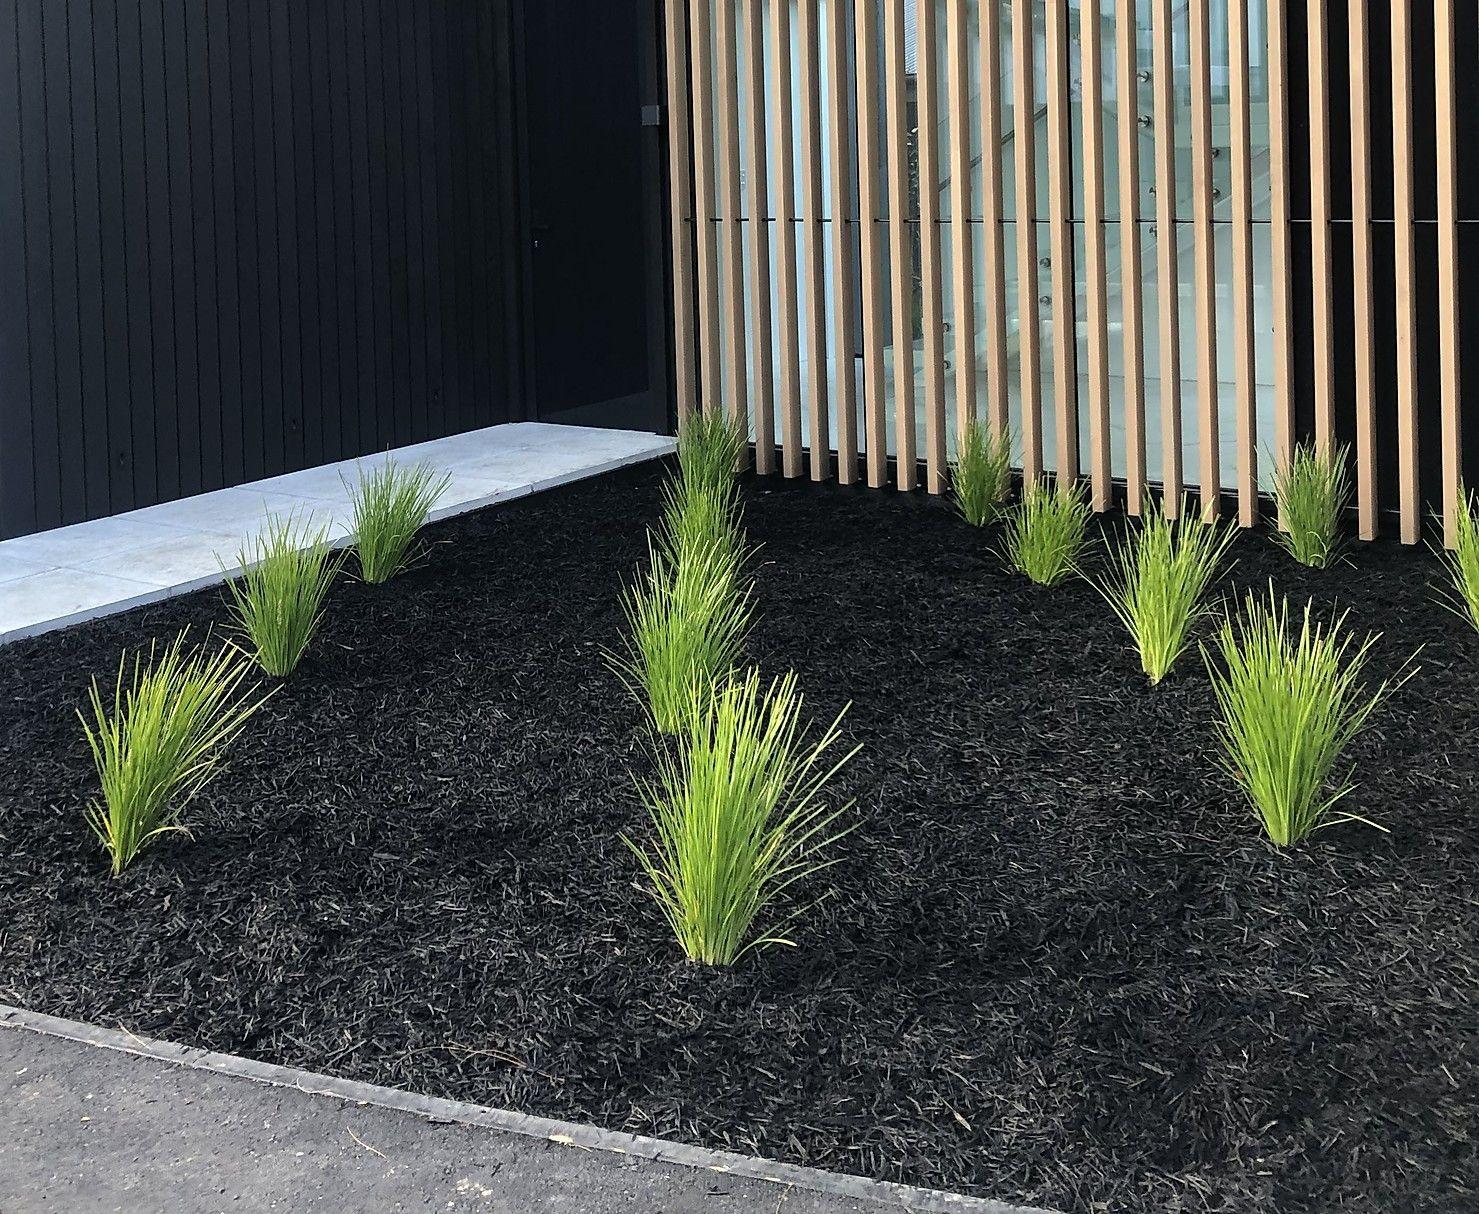 Pin on Garden & Plants